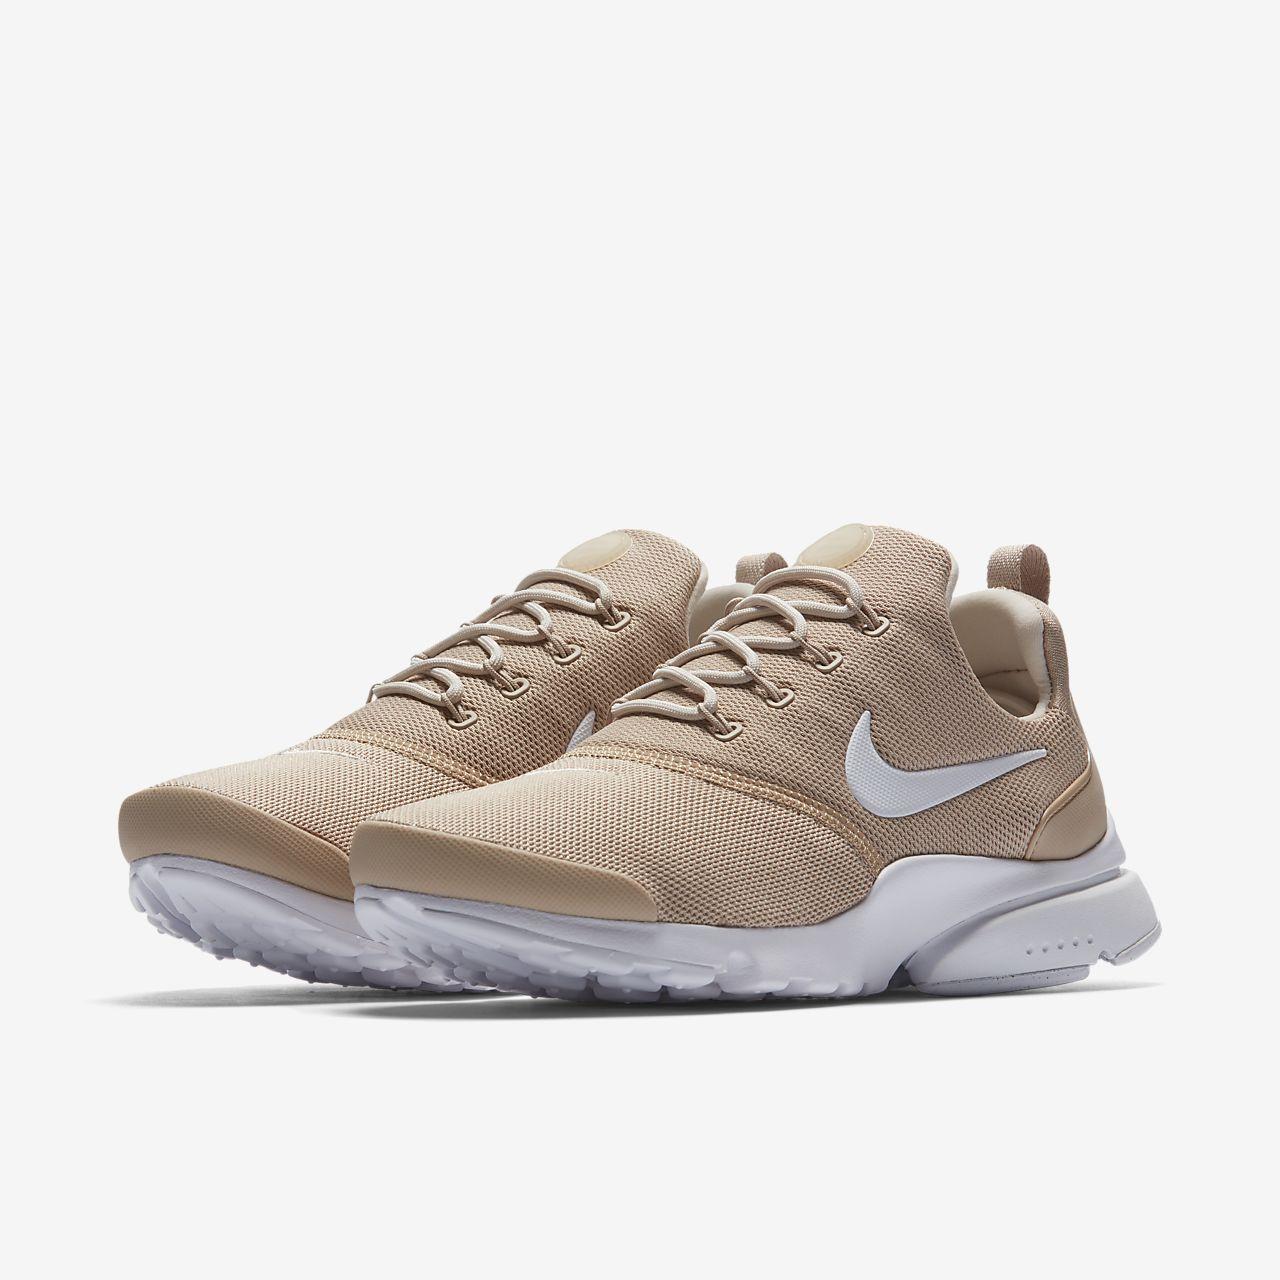 nike presto fly women's shoe